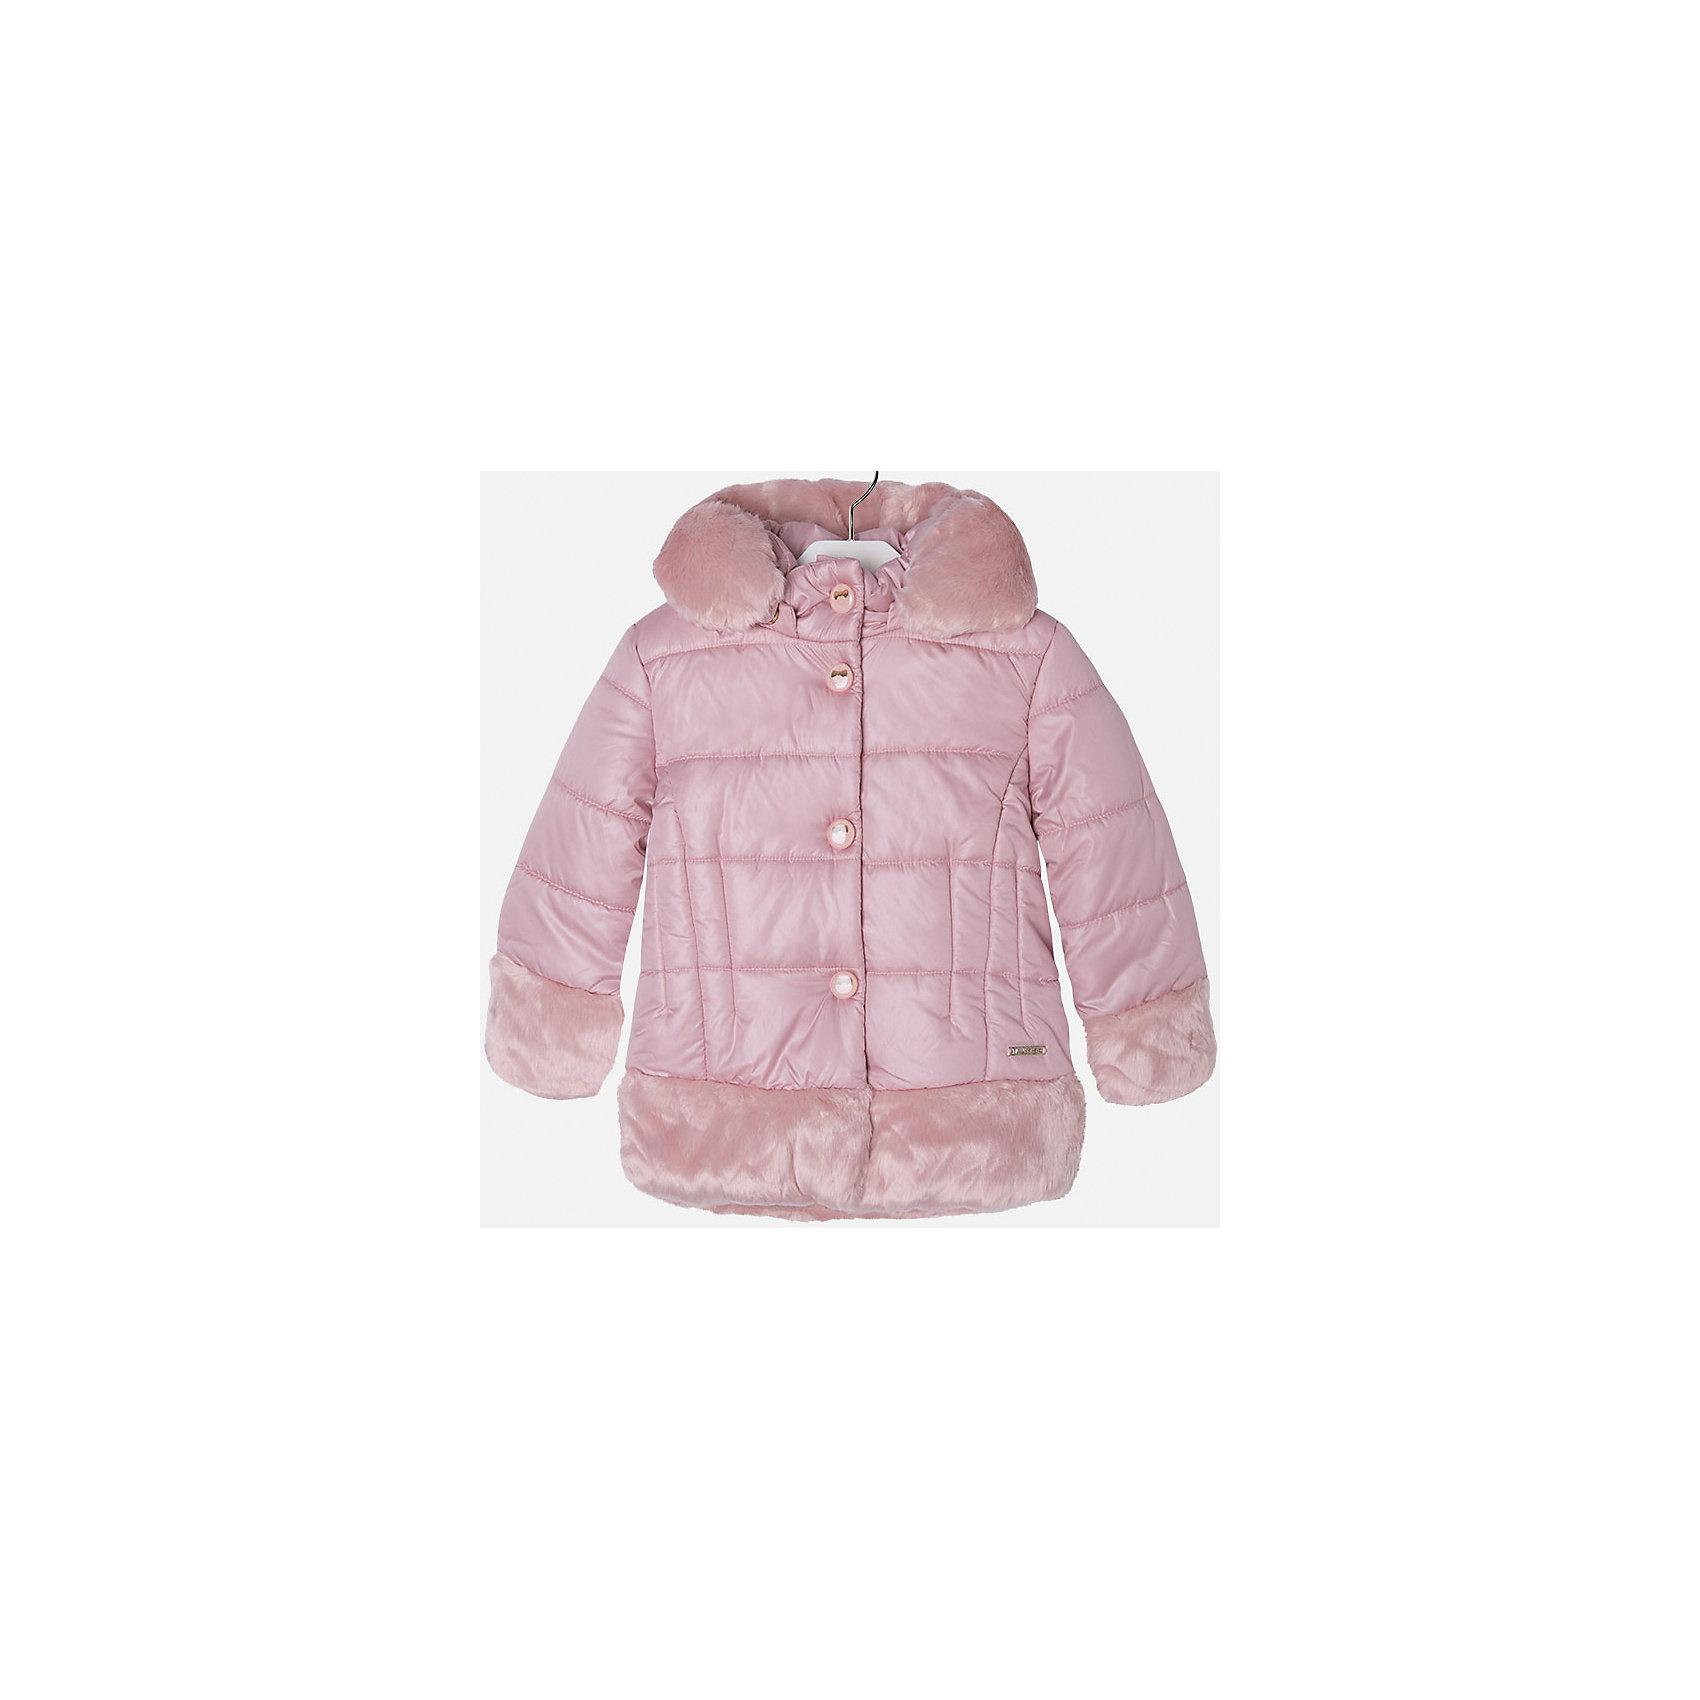 Куртка для девочки MayoralВерхняя одежда<br>Куртка для девочки из коллекции осень-зима 2016-2017 известного испанского бренда Mayoral (Майорал). Удобная и красивая отднотонная куртка без рисунка. Приятный нежно-розовый цвет в сочетании с плюшевыми манжетами, низом куртки и каймой капюшона придутся по вкусу вашей моднице. Плащевая ткань основной части куртки непромокаемая и не пропускает ветер. Куртка отлично подойдет как к юбкам и брюкам, так и к джинсам. Застегивается на молнию и кнопки. Куртка имеет качественный крой и маленькую пластинку с наименованием бренда на лицевой стороне спереди.<br><br>Дополнительная информация:<br>- Длина: удлиненная <br>- Силуэт: прямой <br>- Утеплитель: синтепон, плотность 120 г/кв.м<br>Состав: 100 % полиэстер<br><br>Куртку для девочки Mayoral (Майорал) можно купить в нашем интернет-магазине.<br><br>Подробнее:<br>• Для детей в возрасте: от 8 до 14 лет<br>• Номер товара: 4843795 <br>Страна производитель: Китай<br><br>Ширина мм: 356<br>Глубина мм: 10<br>Высота мм: 245<br>Вес г: 519<br>Цвет: розовый<br>Возраст от месяцев: 24<br>Возраст до месяцев: 36<br>Пол: Женский<br>Возраст: Детский<br>Размер: 98,128,116,110,134,104,122<br>SKU: 4843794